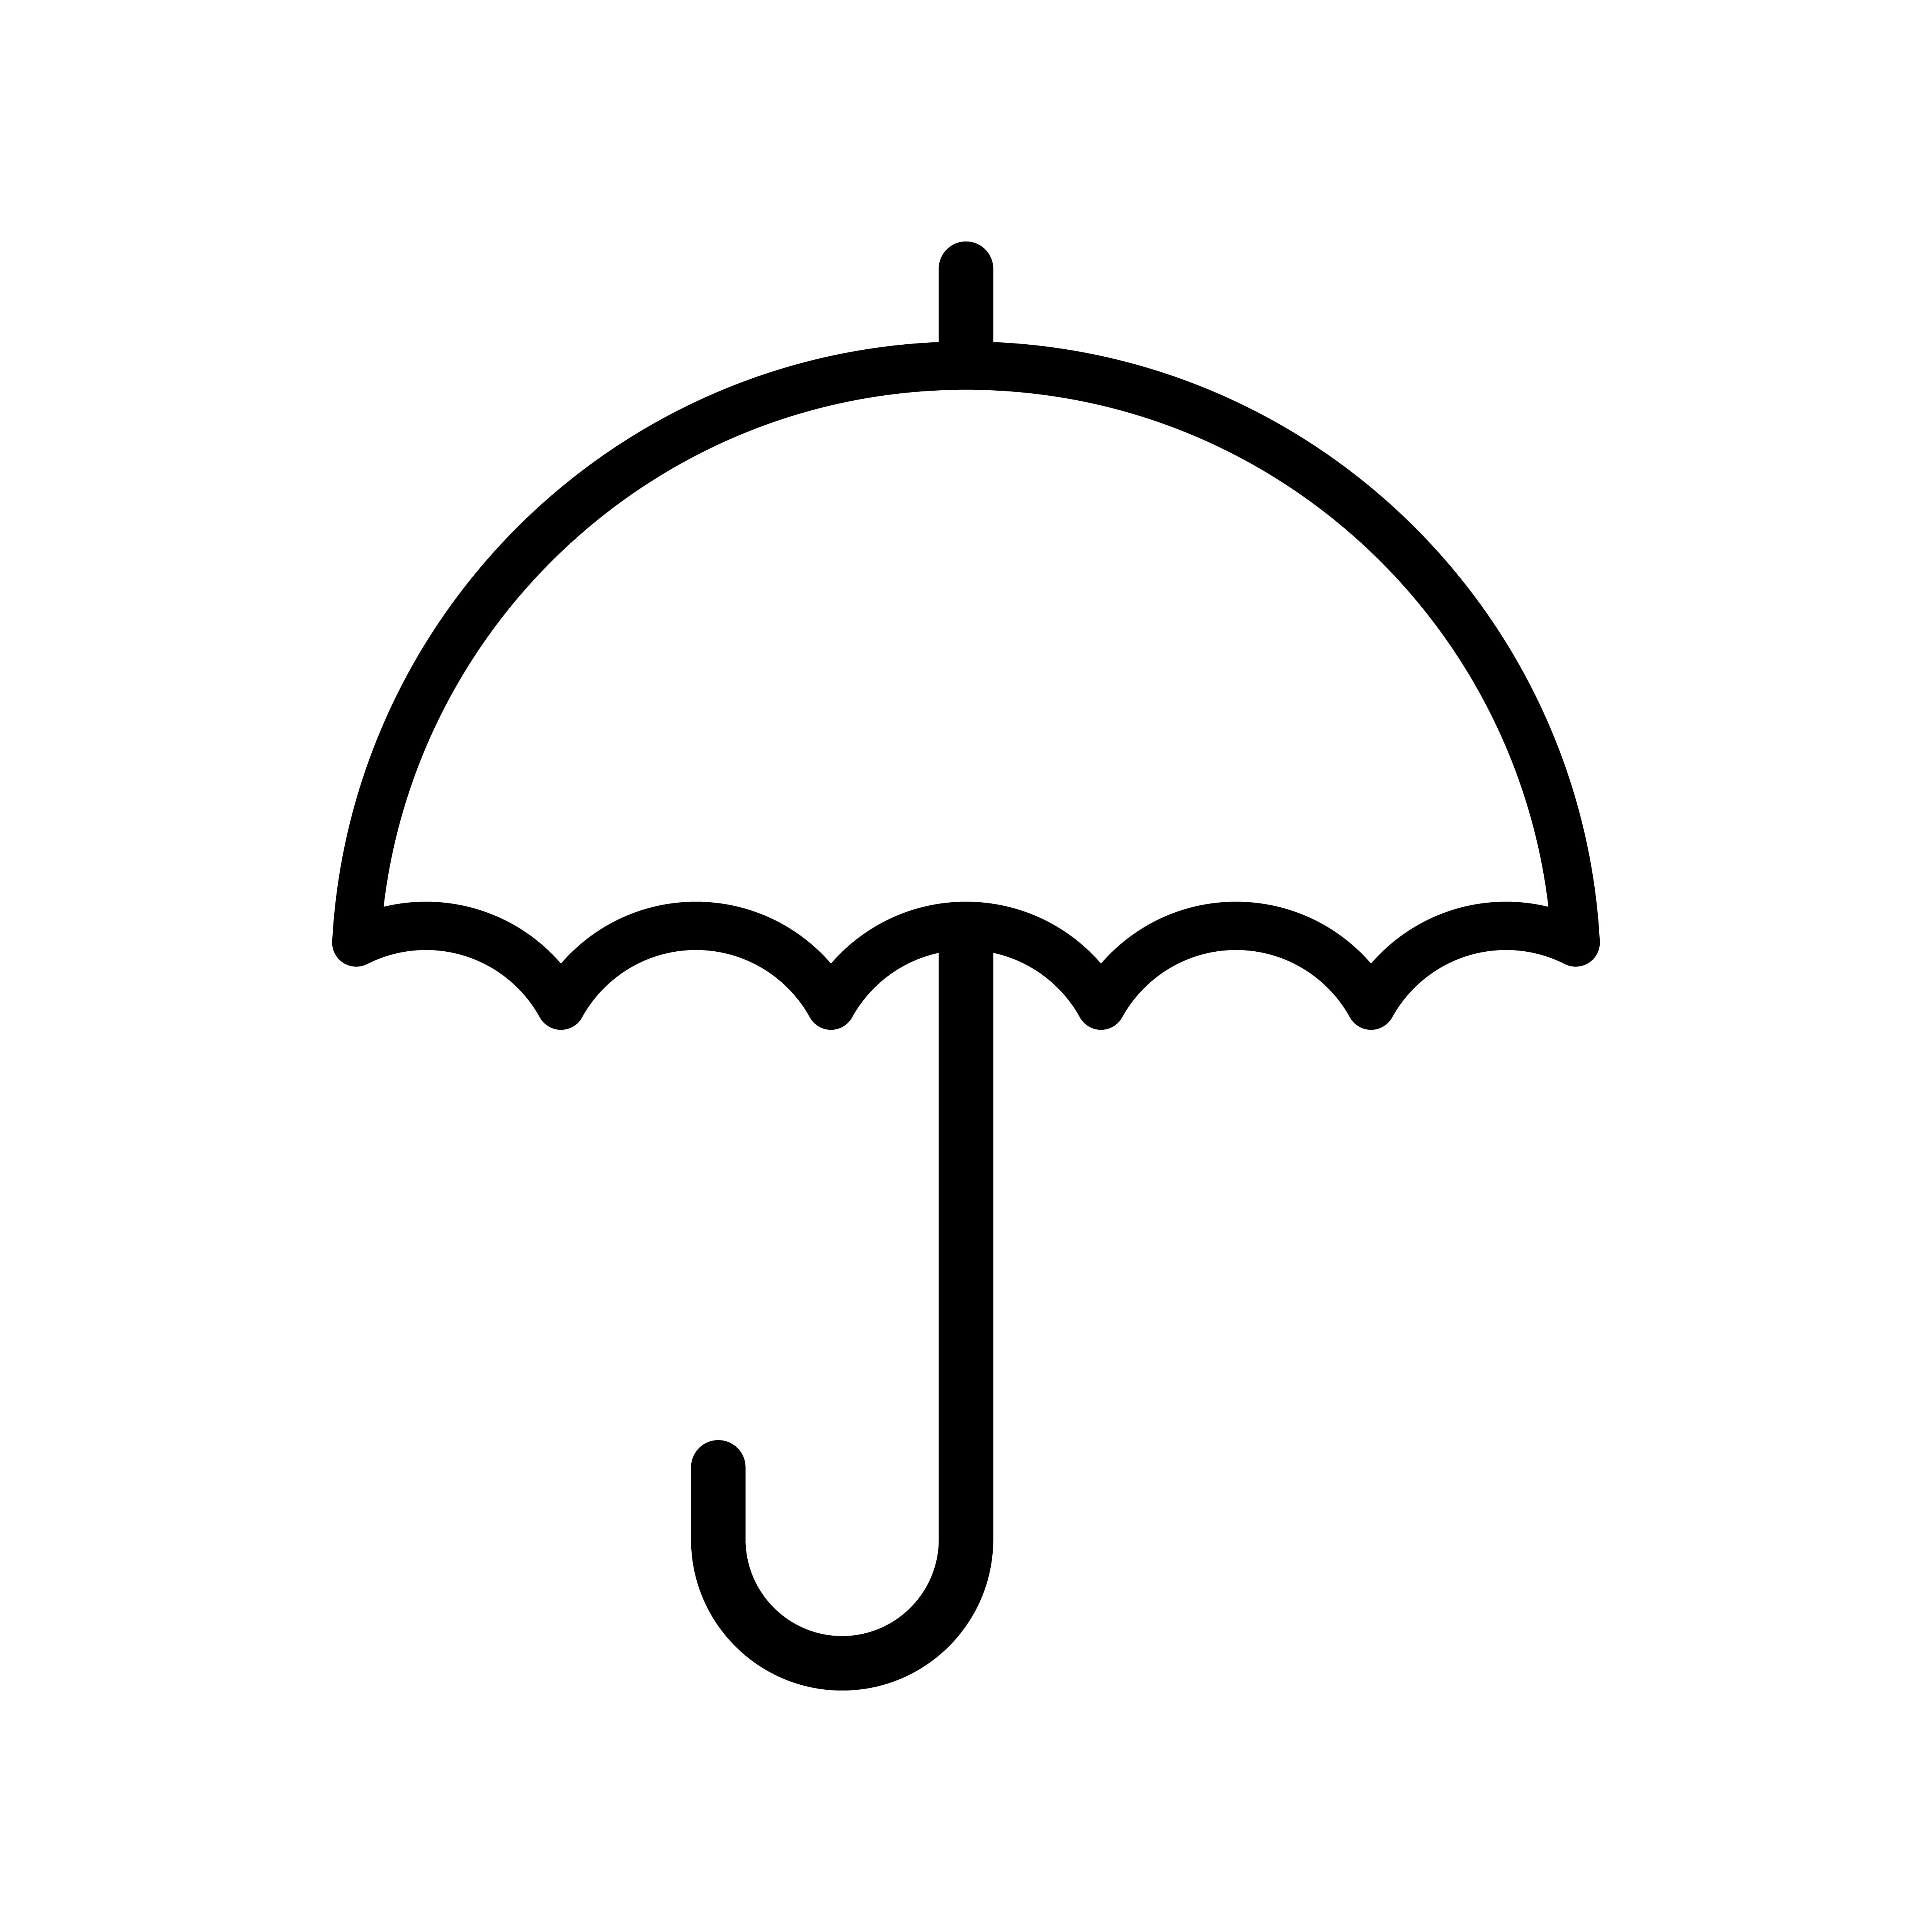 regenschirmvektorsymbol  download kostenlos vector